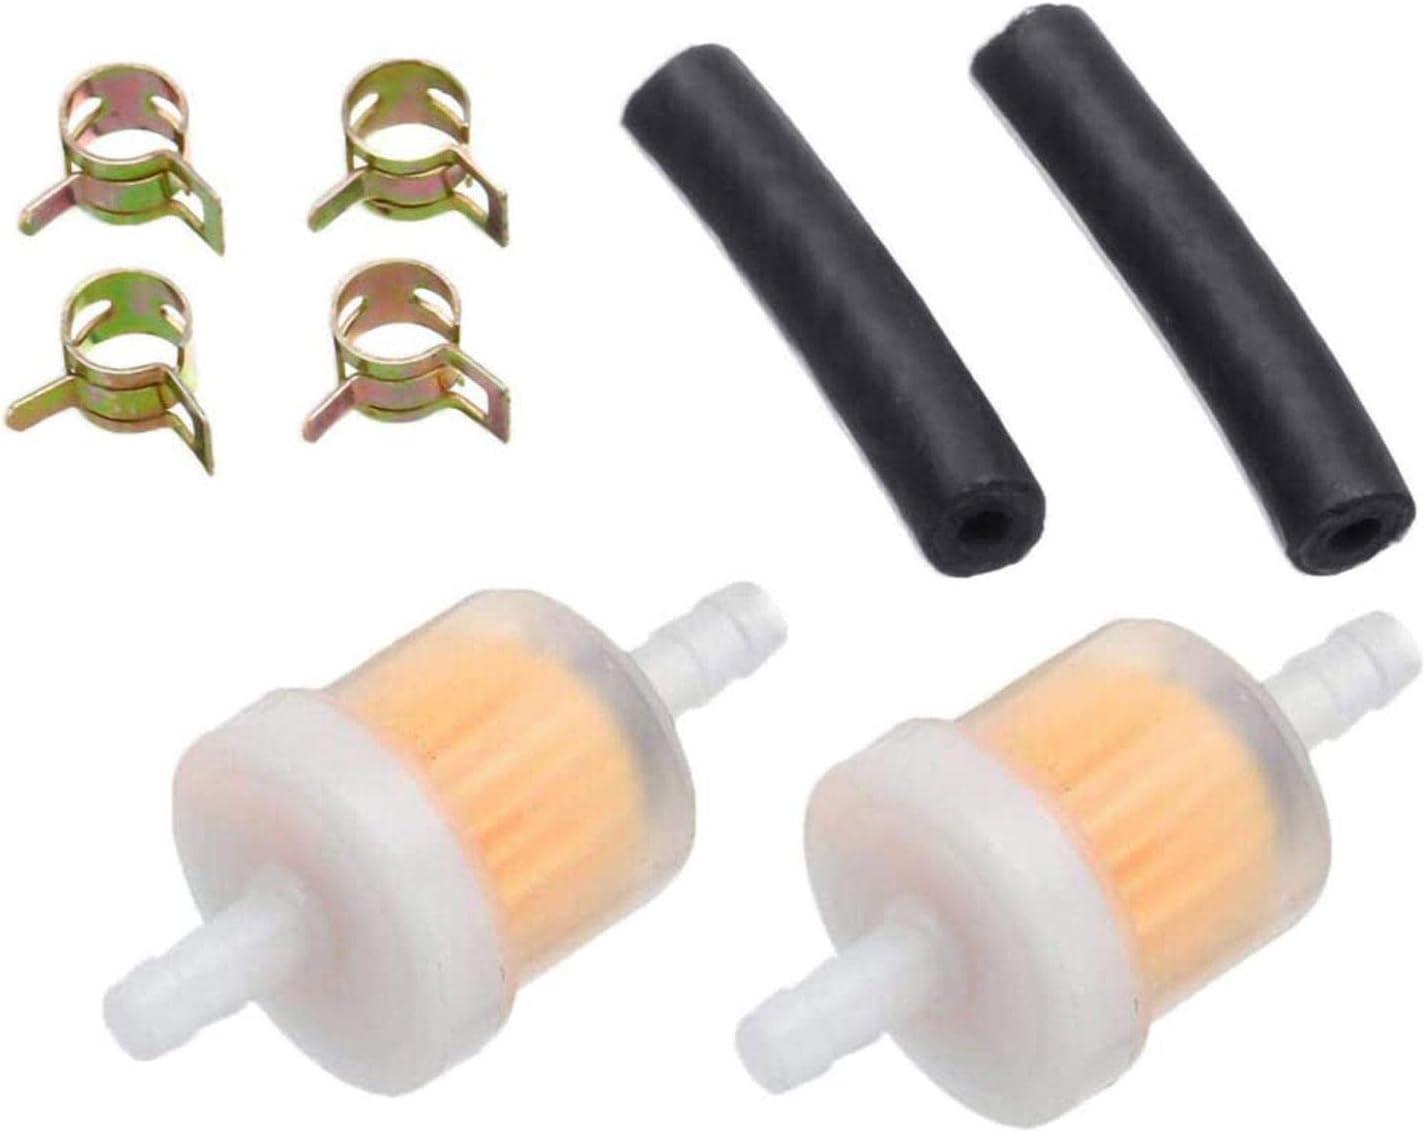 Xeroy 8 Piezas Kit De Filtro De Combustible En L/ínea para Calentador De Estacionamiento Eberspacher Webasto Di/ésel 2 Filtros De Combustible 2 Manguera De Combustible 4 Abrazaderas De Manguera